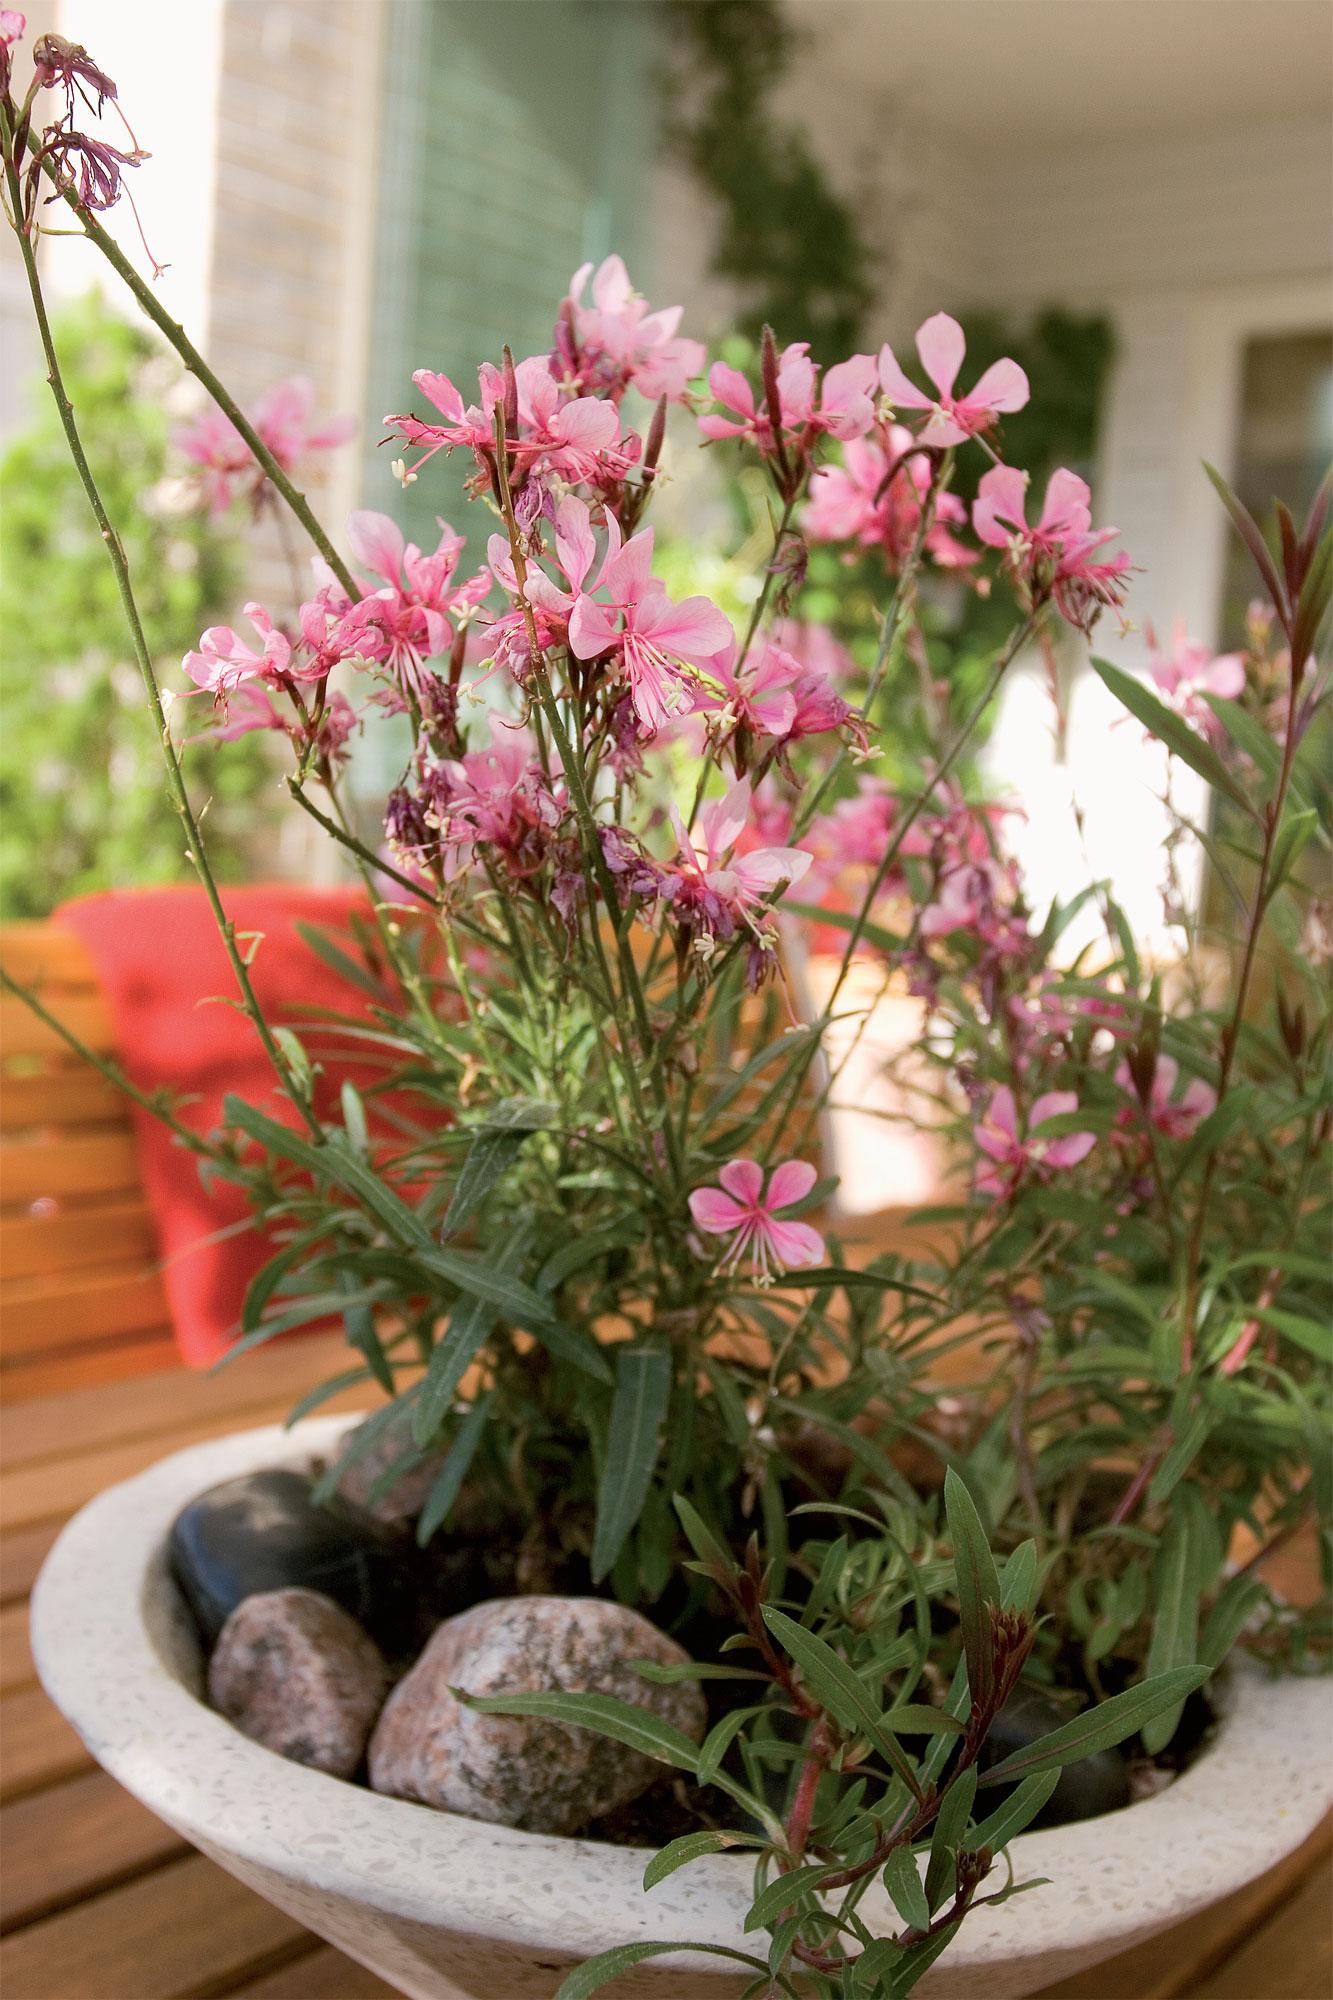 Kylmänkestävä sirokesäkynttilä (Gaura lindheimeri) kukkii myöhäiseen syksyyn Timrénien pihapöydällä.